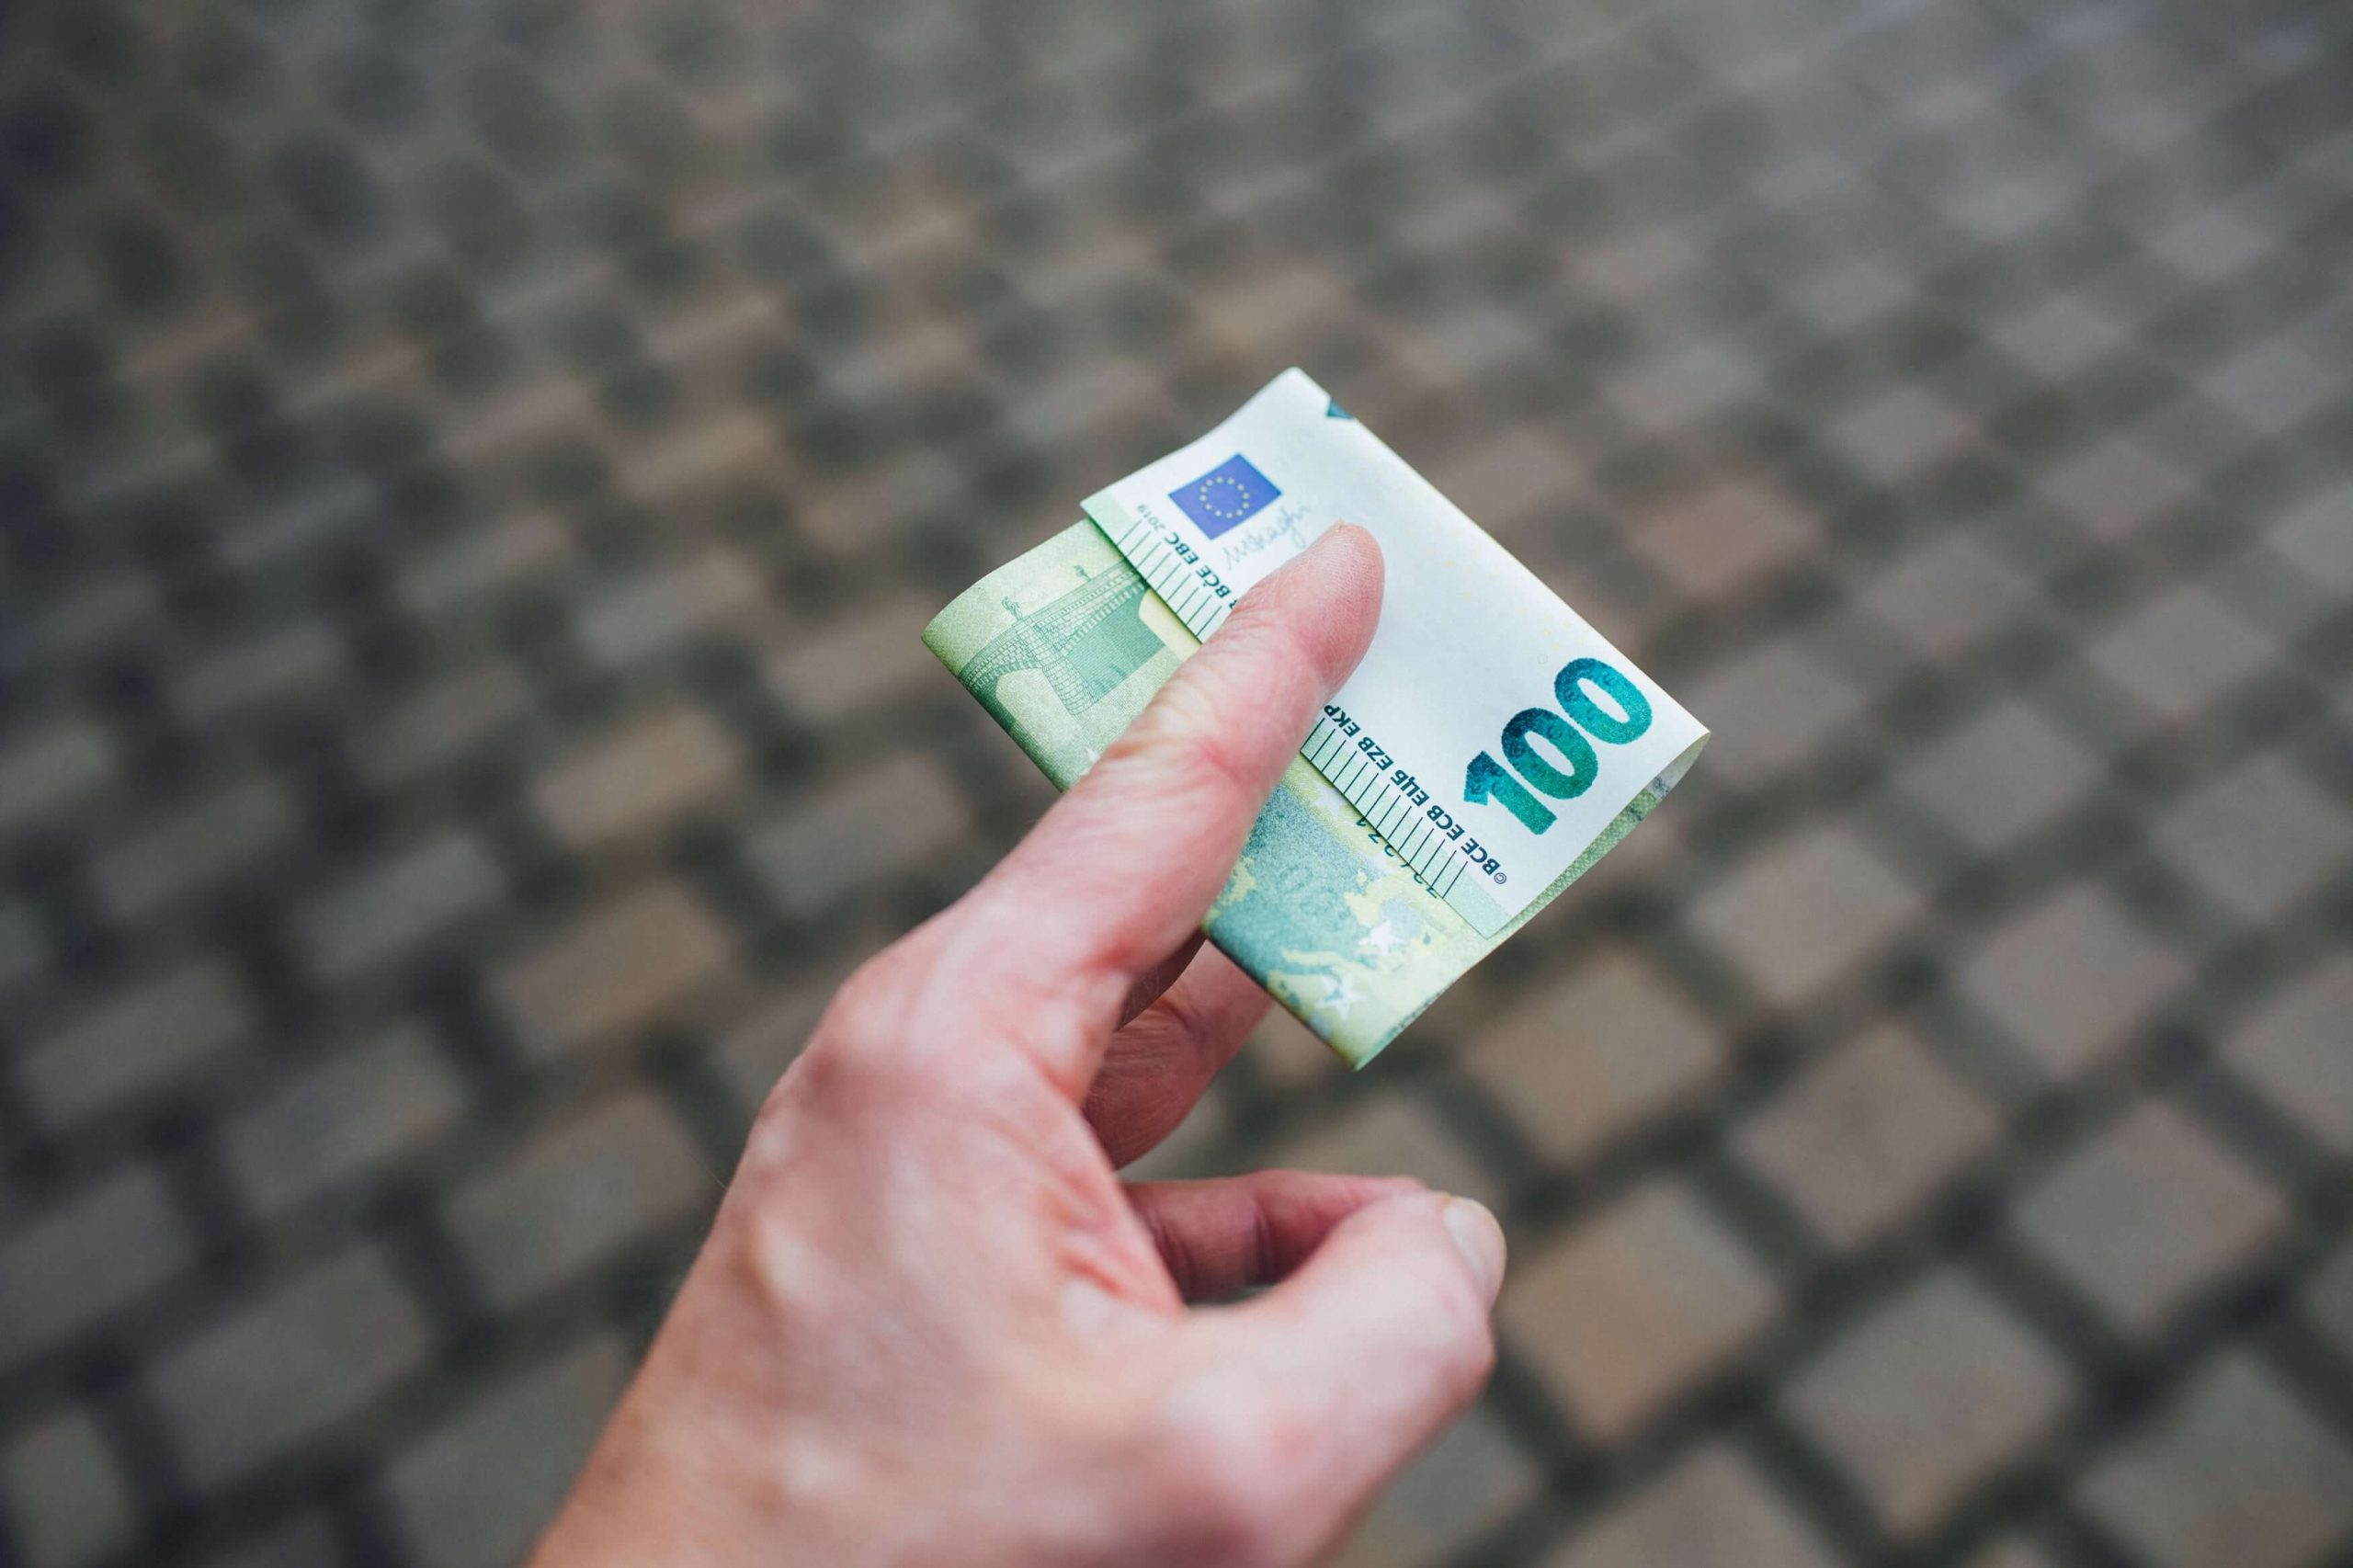 Hoe vind ik een goedkope autoverzekering? 7 tips